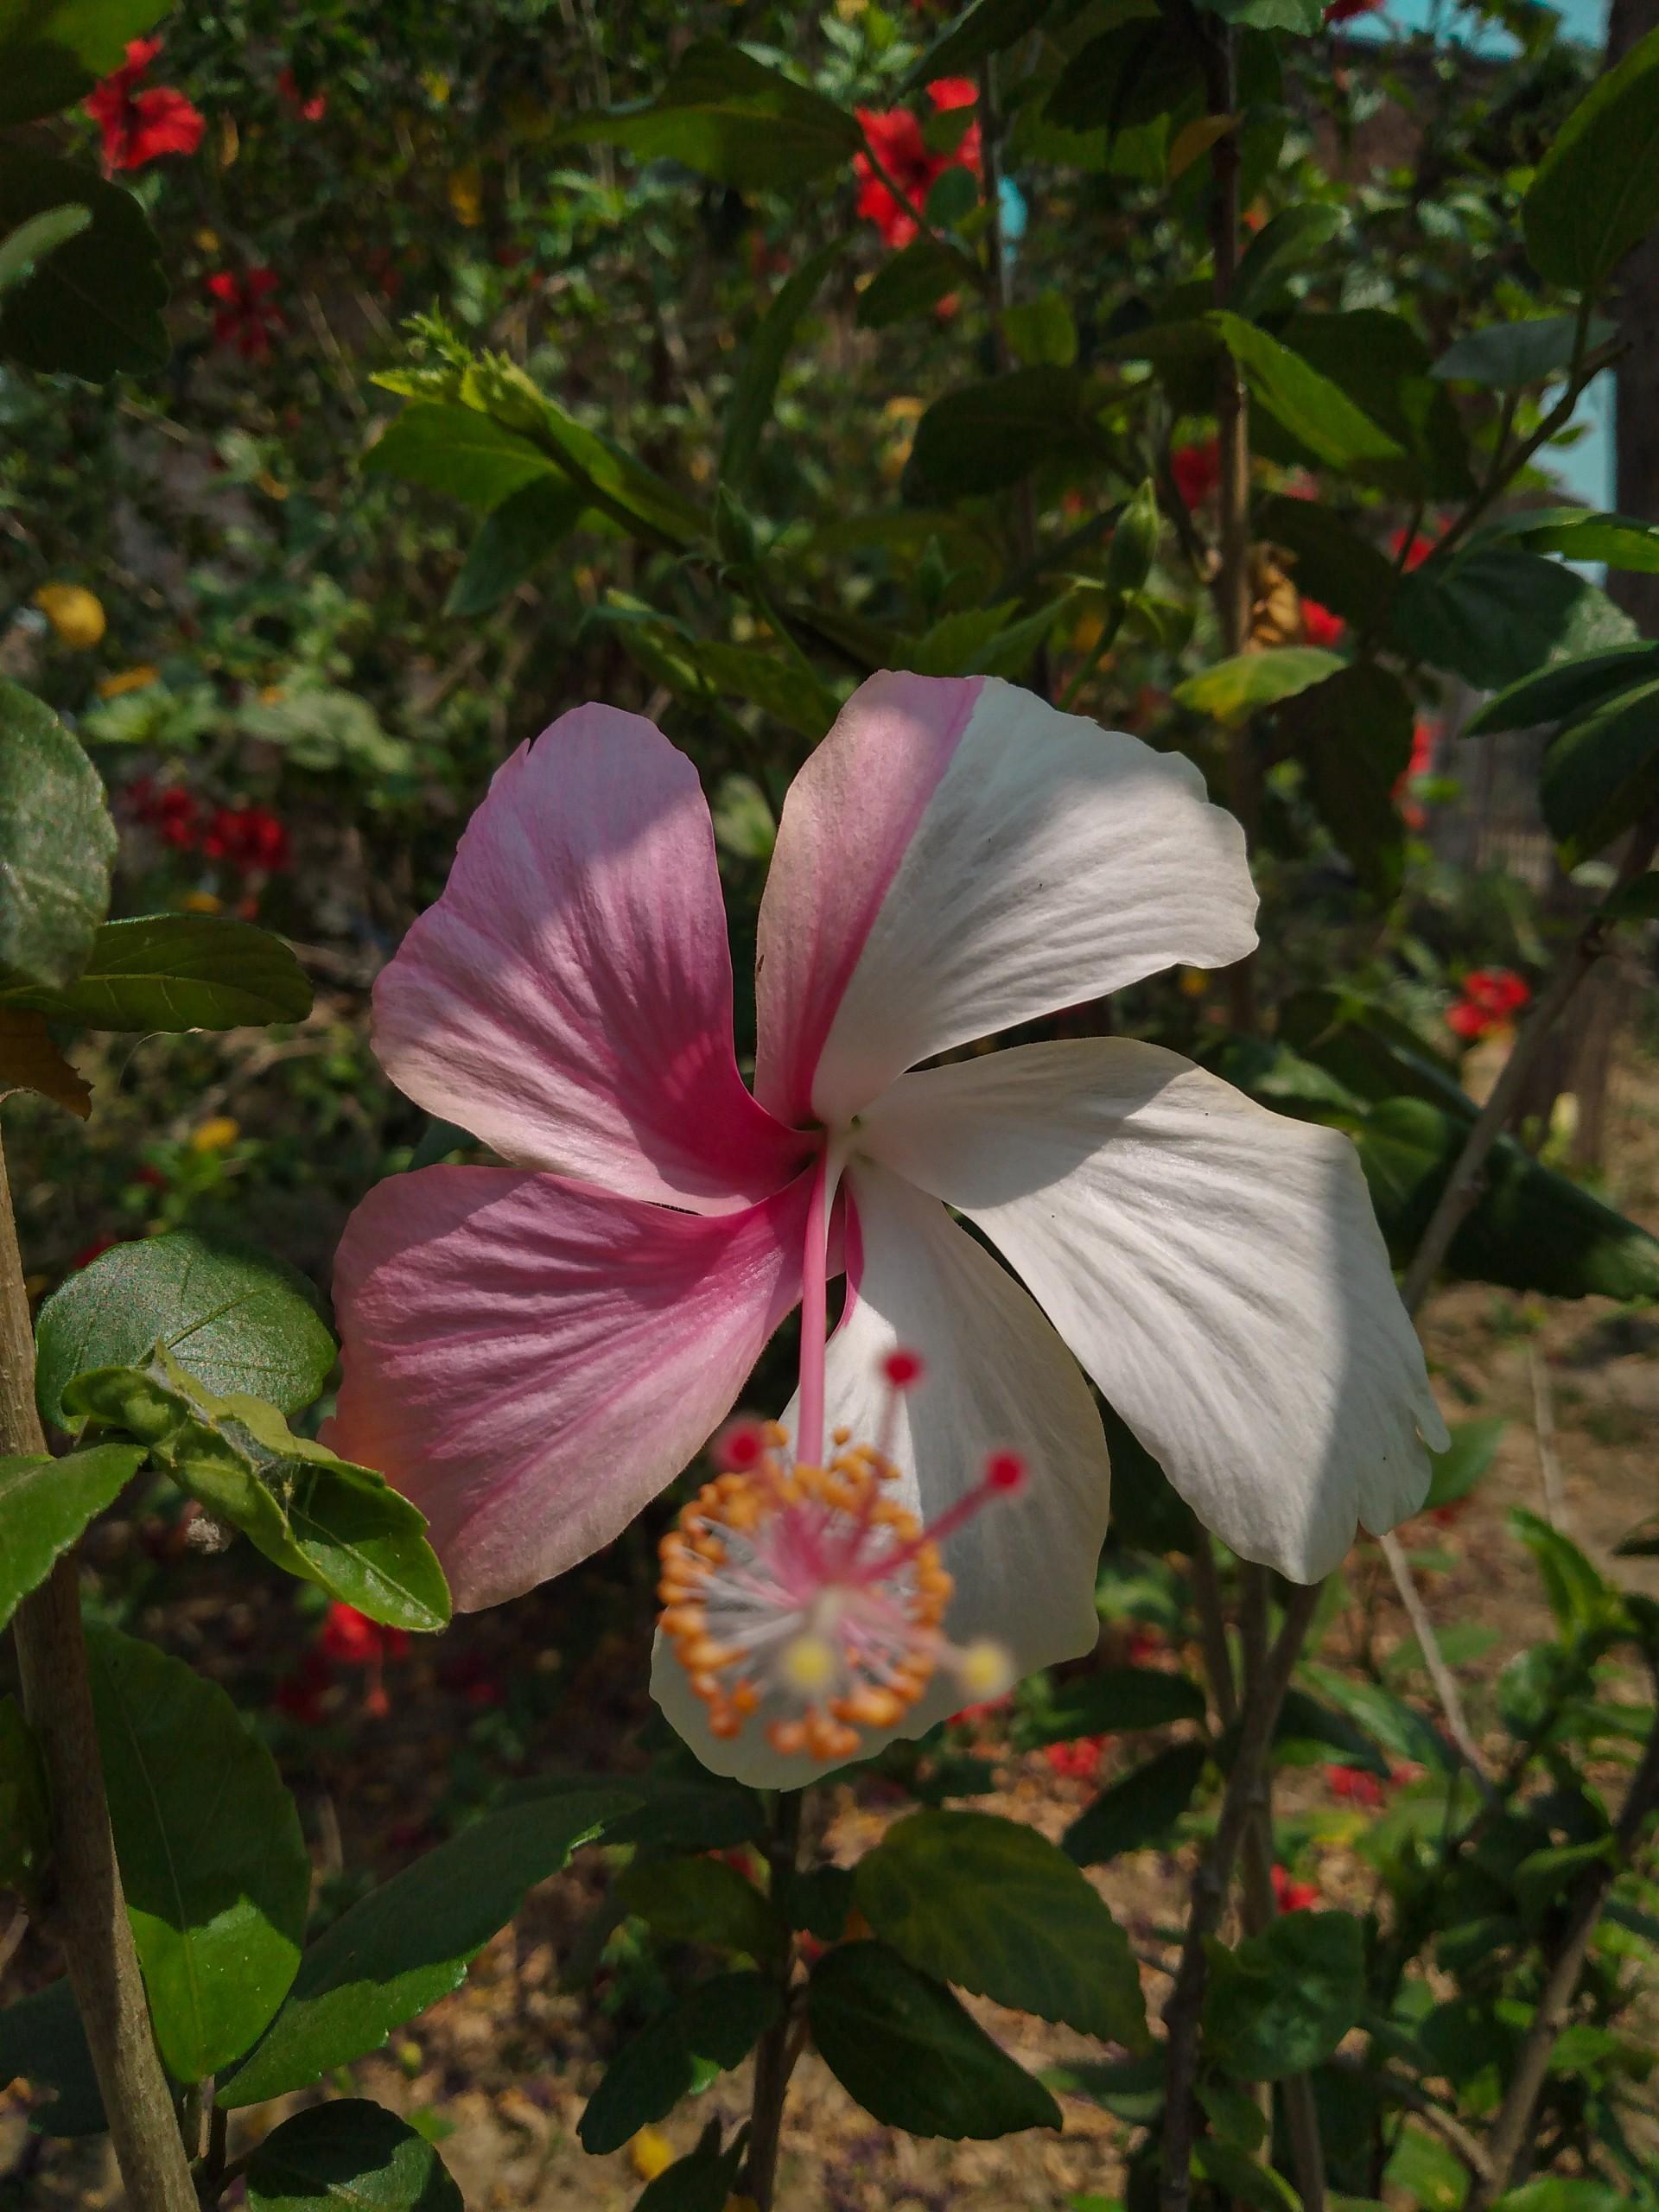 Unique two-coloured Flower